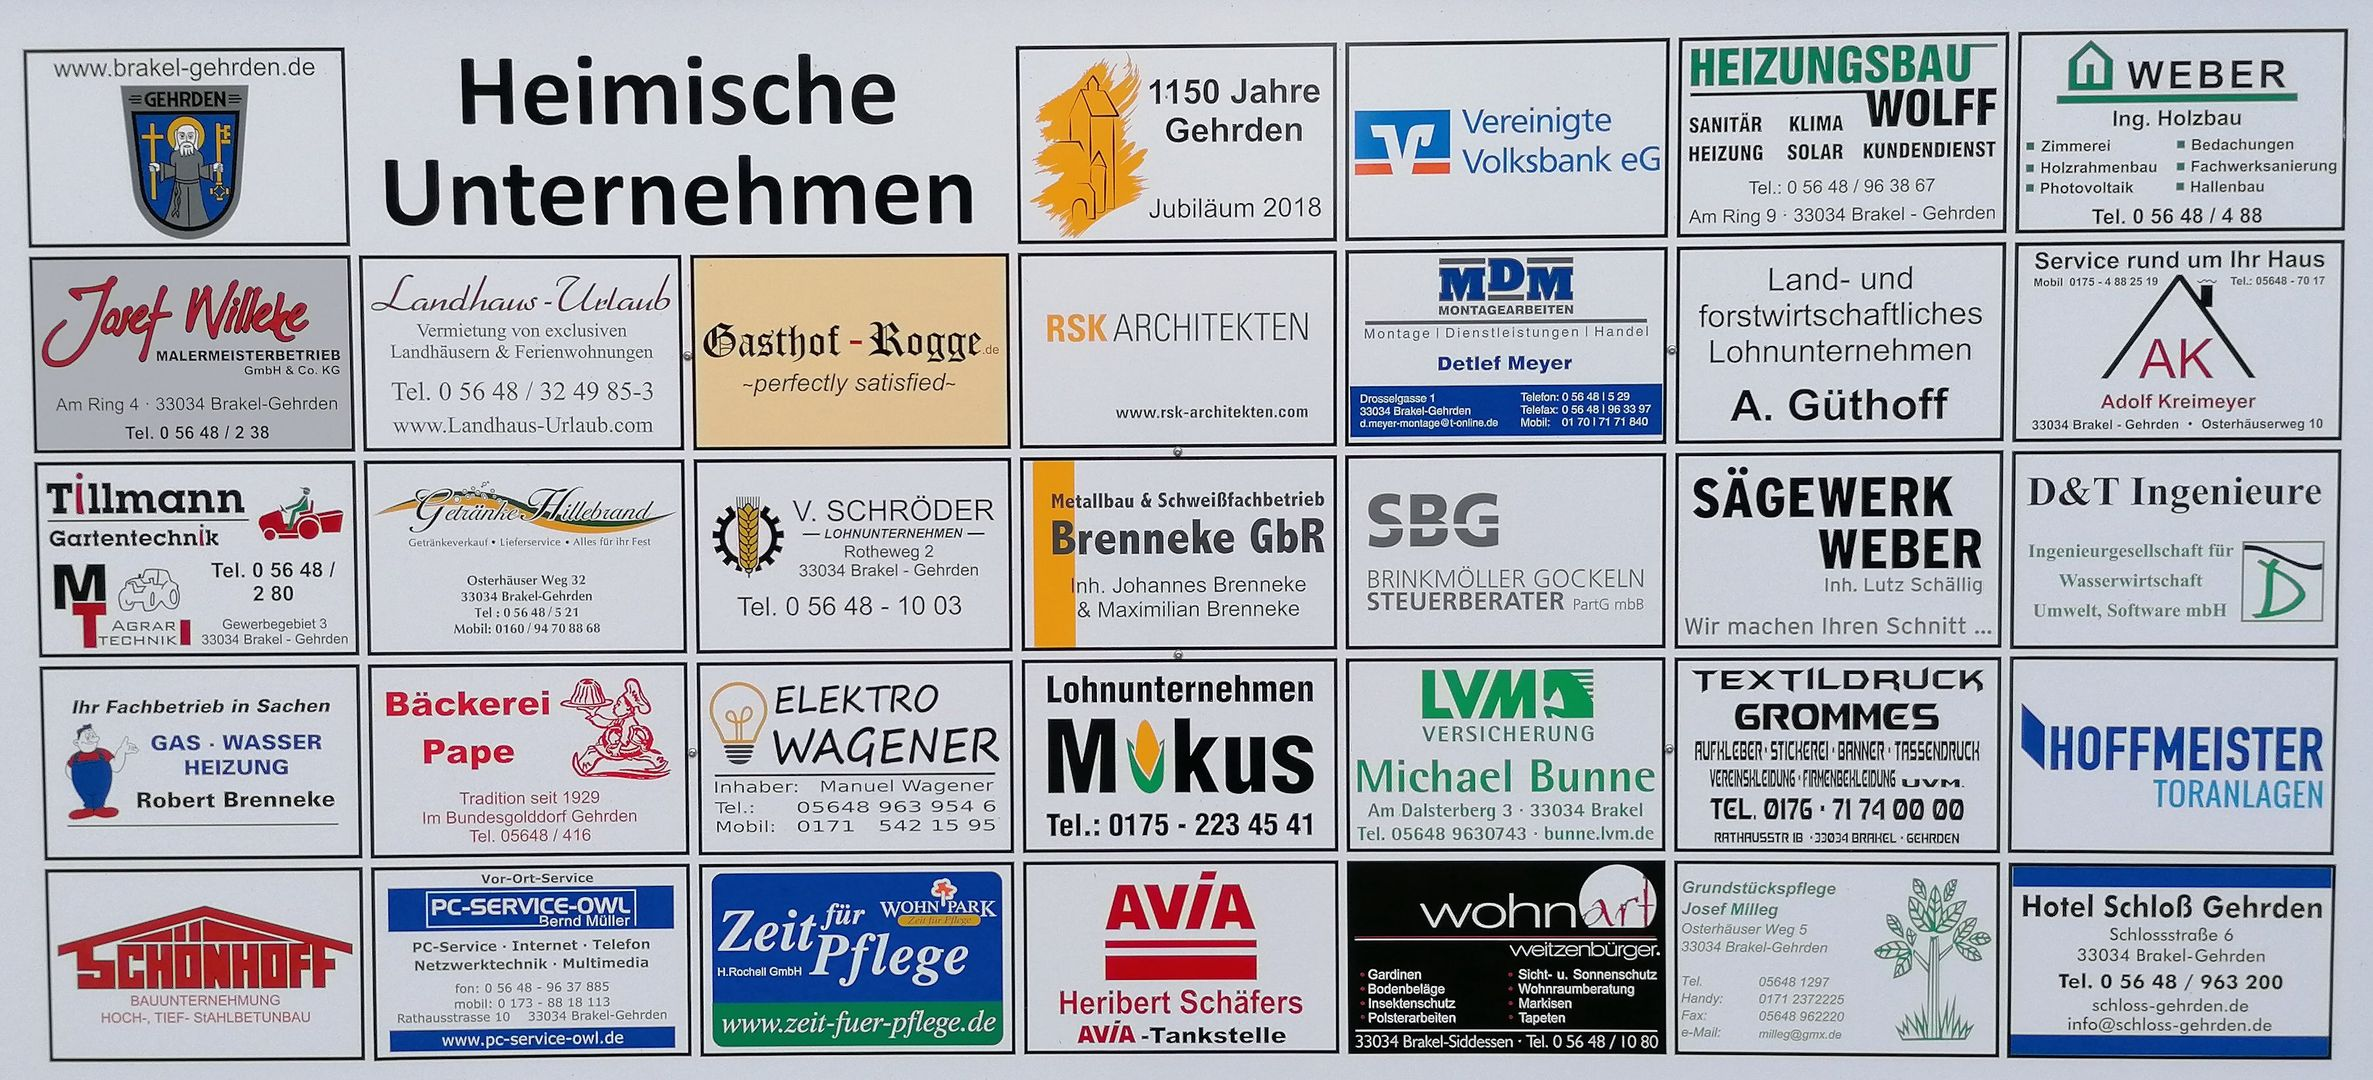 Heimische Unternehmen | Brakel-Gehrden